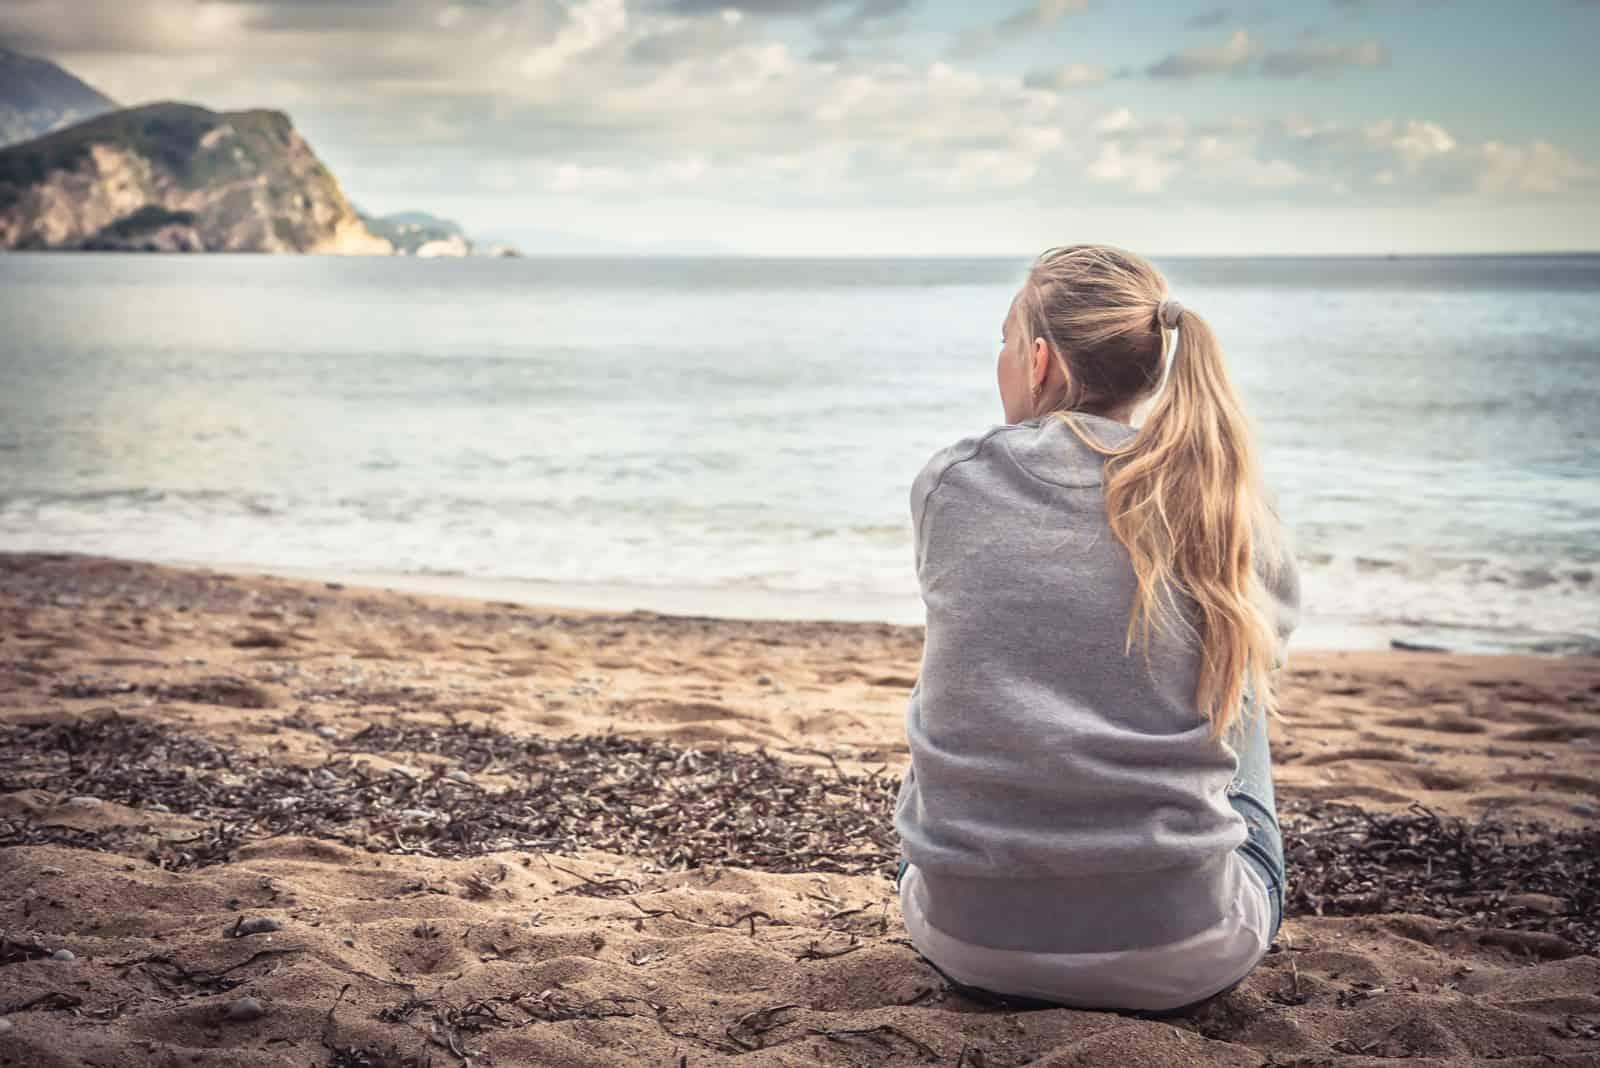 solitaire jeune femme séance plage